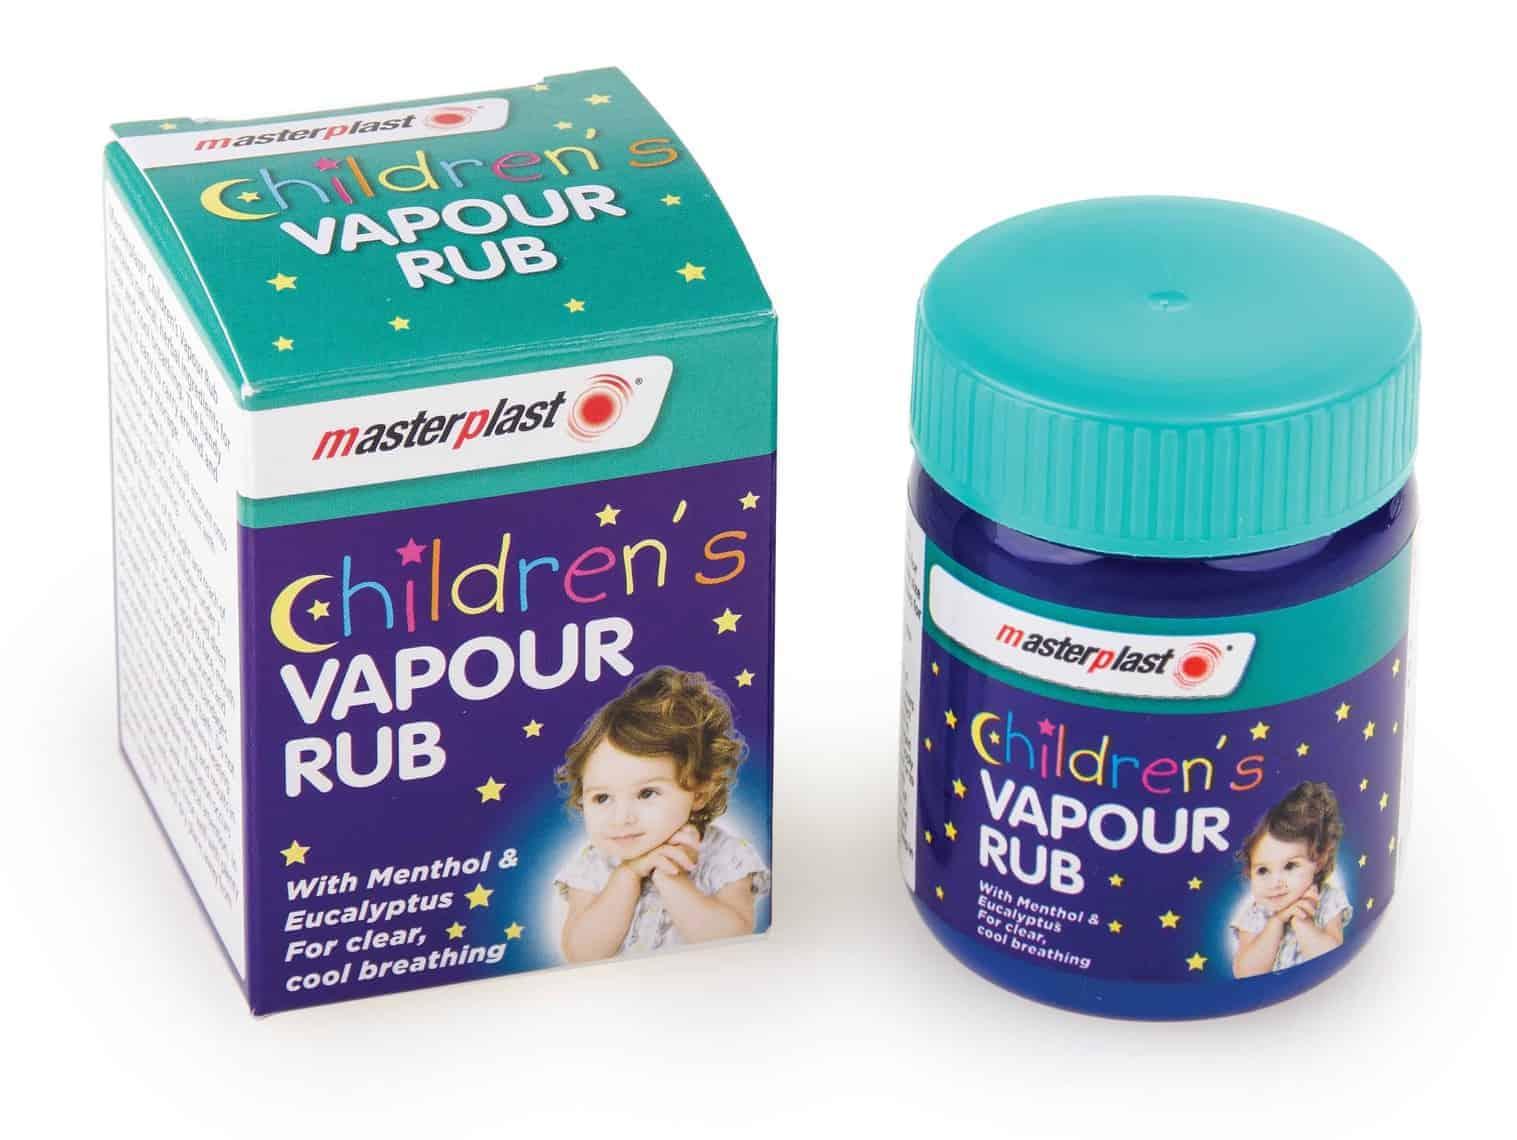 Master Plast Childrens Vapour Rub 50G